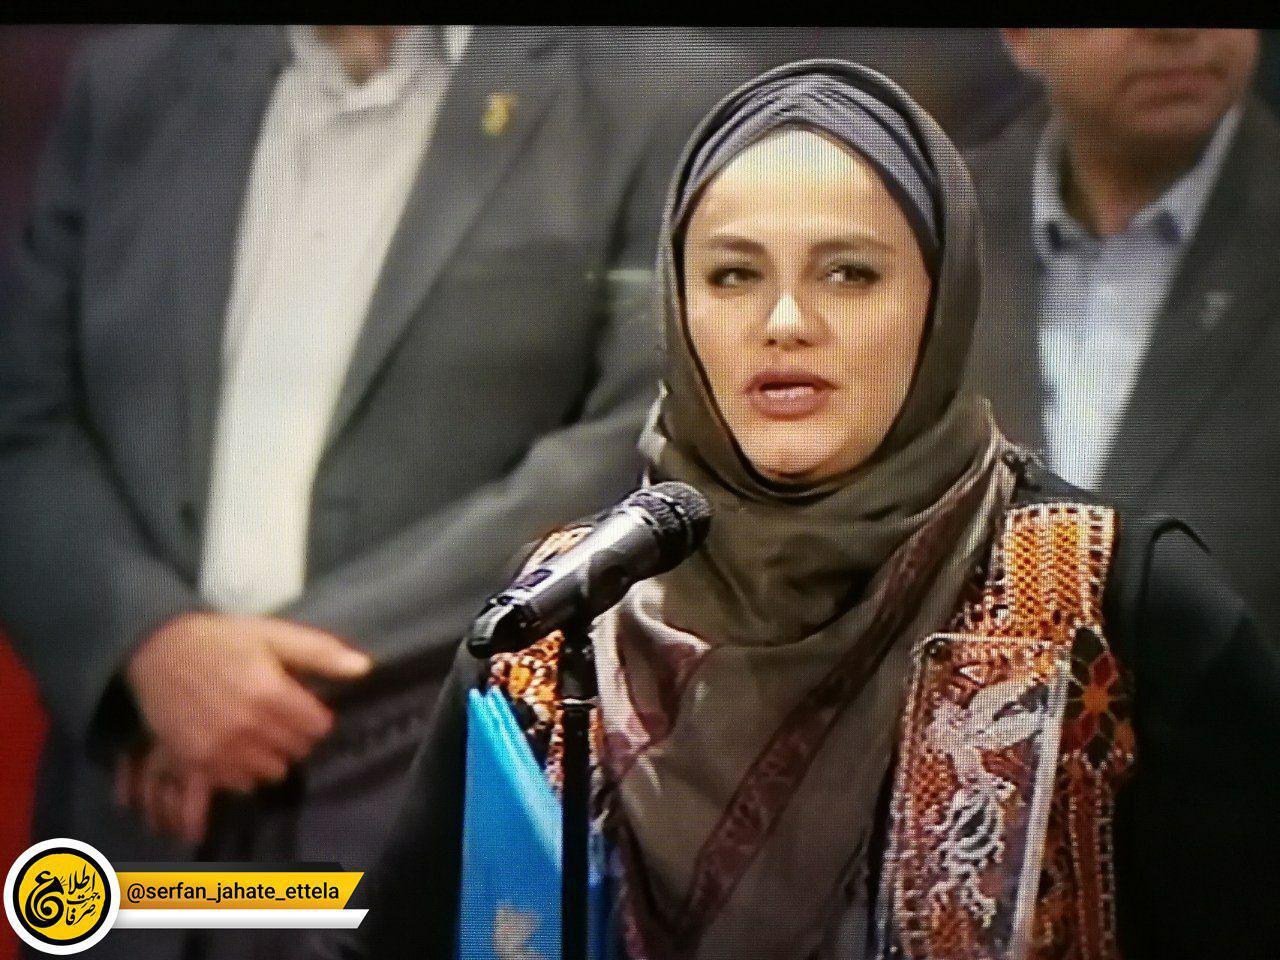 سیمرغ بلورین بهترین کارگردانی سی و هفتمین جشنواره فیلم فجر